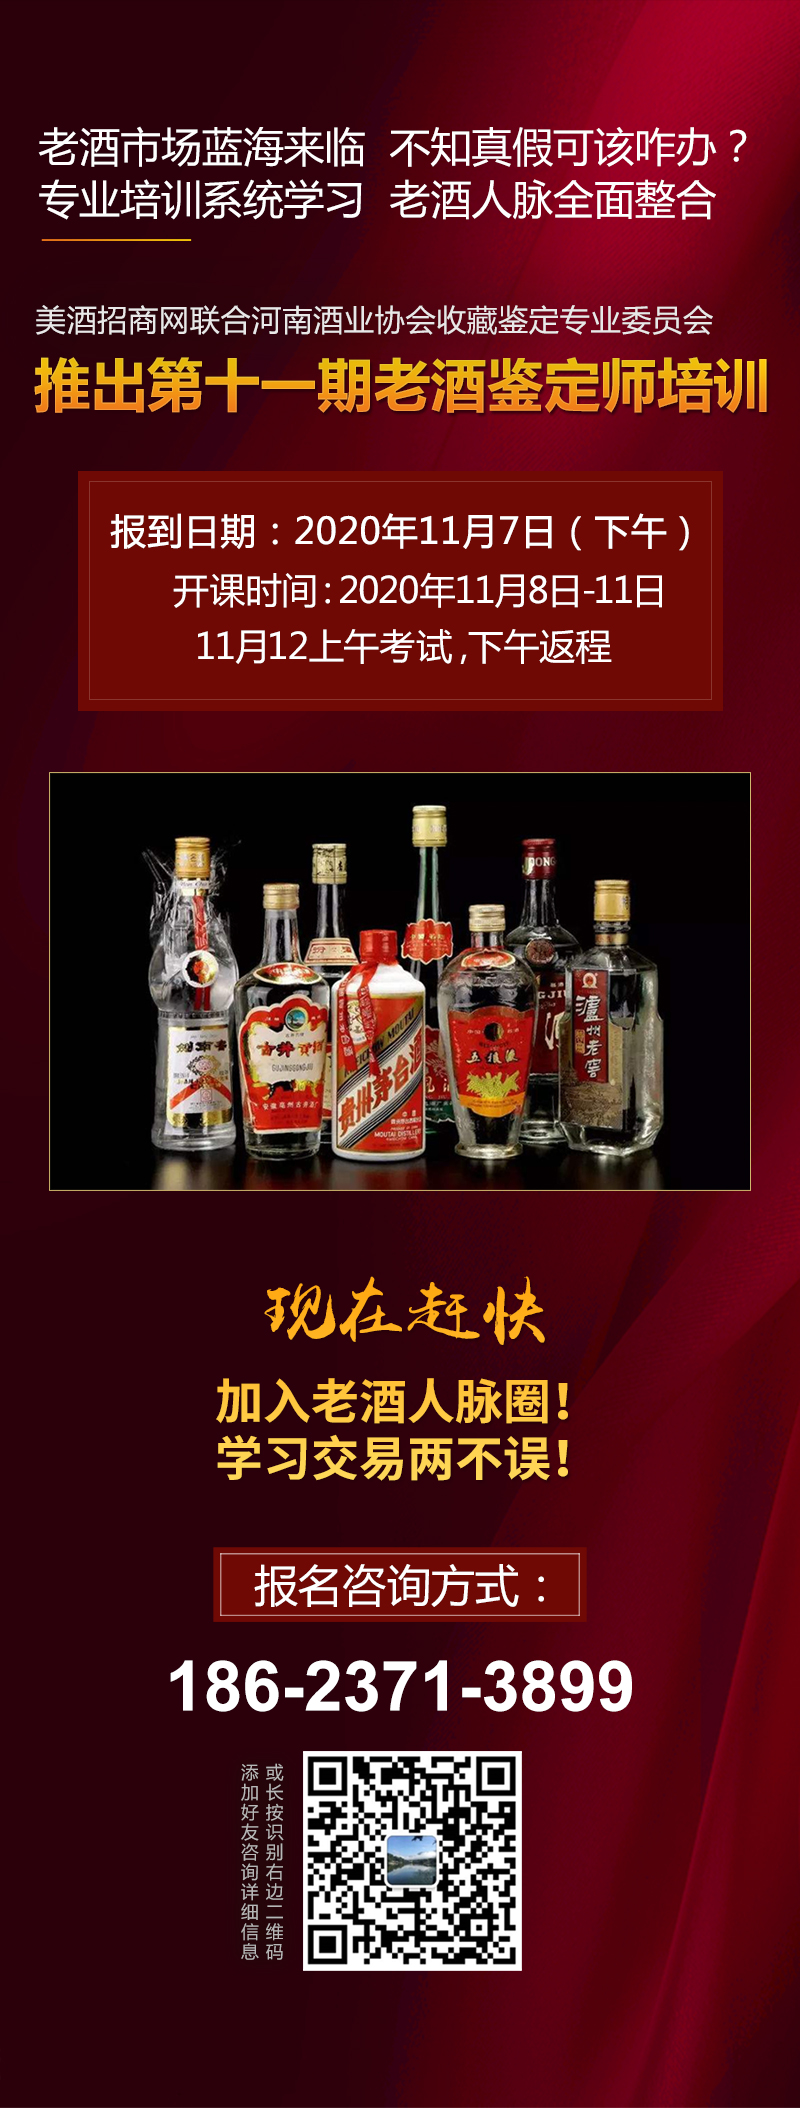 第十一期中国陈年老酒鉴定培训通知